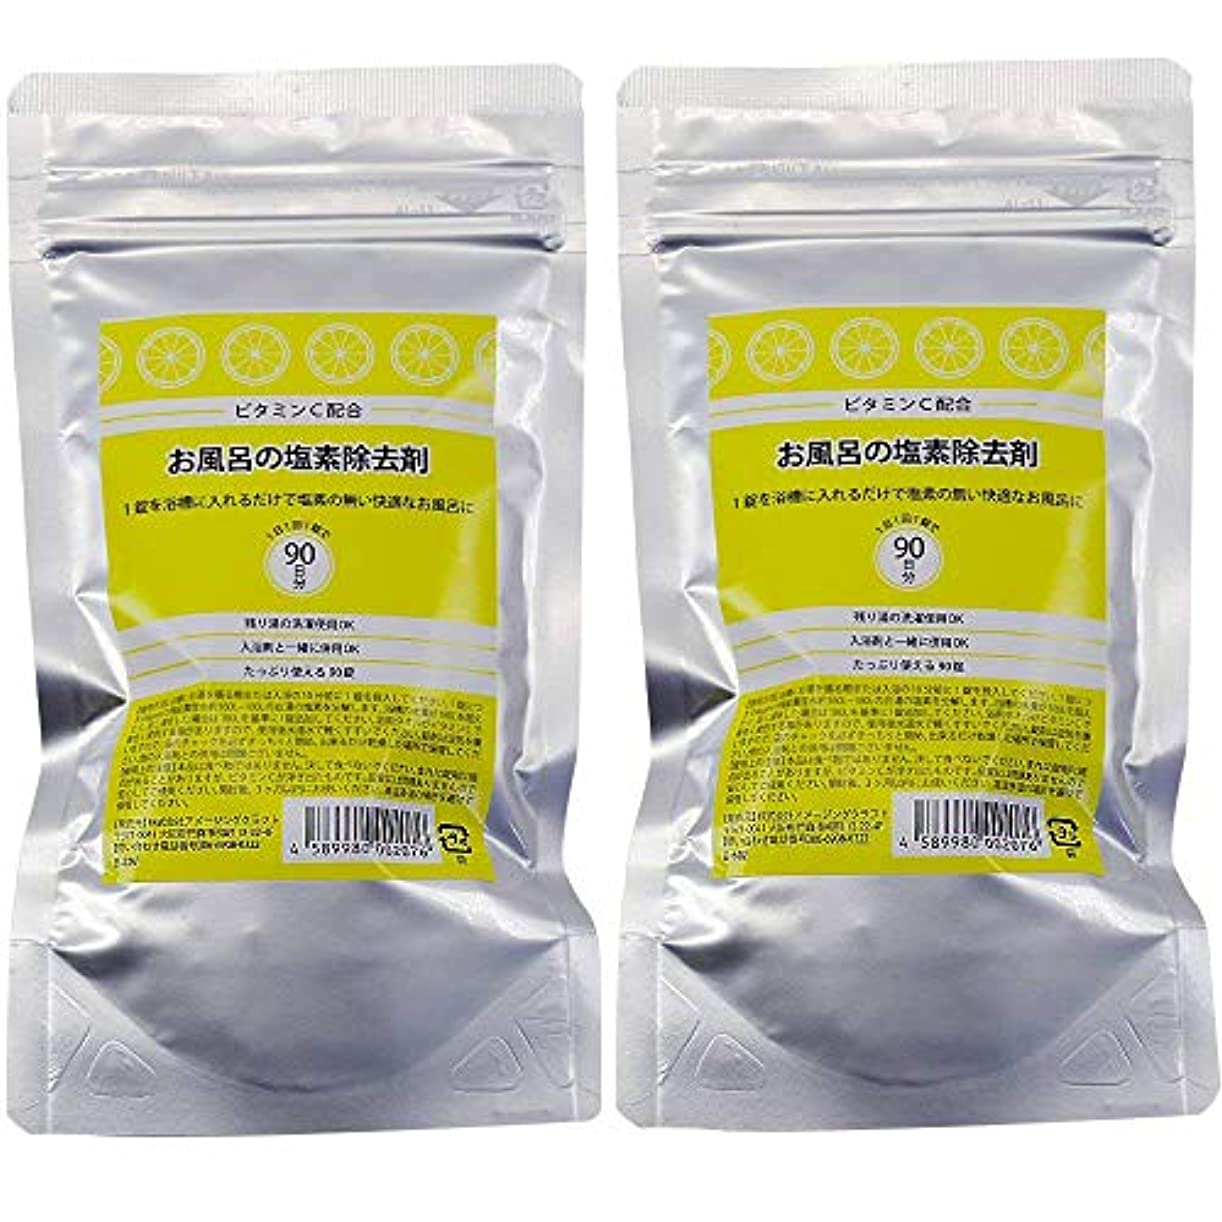 倉庫思慮のないひねりビタミンC配合 お風呂の塩素除去剤 錠剤タイプ 90錠 2個セット 浴槽用脱塩素剤